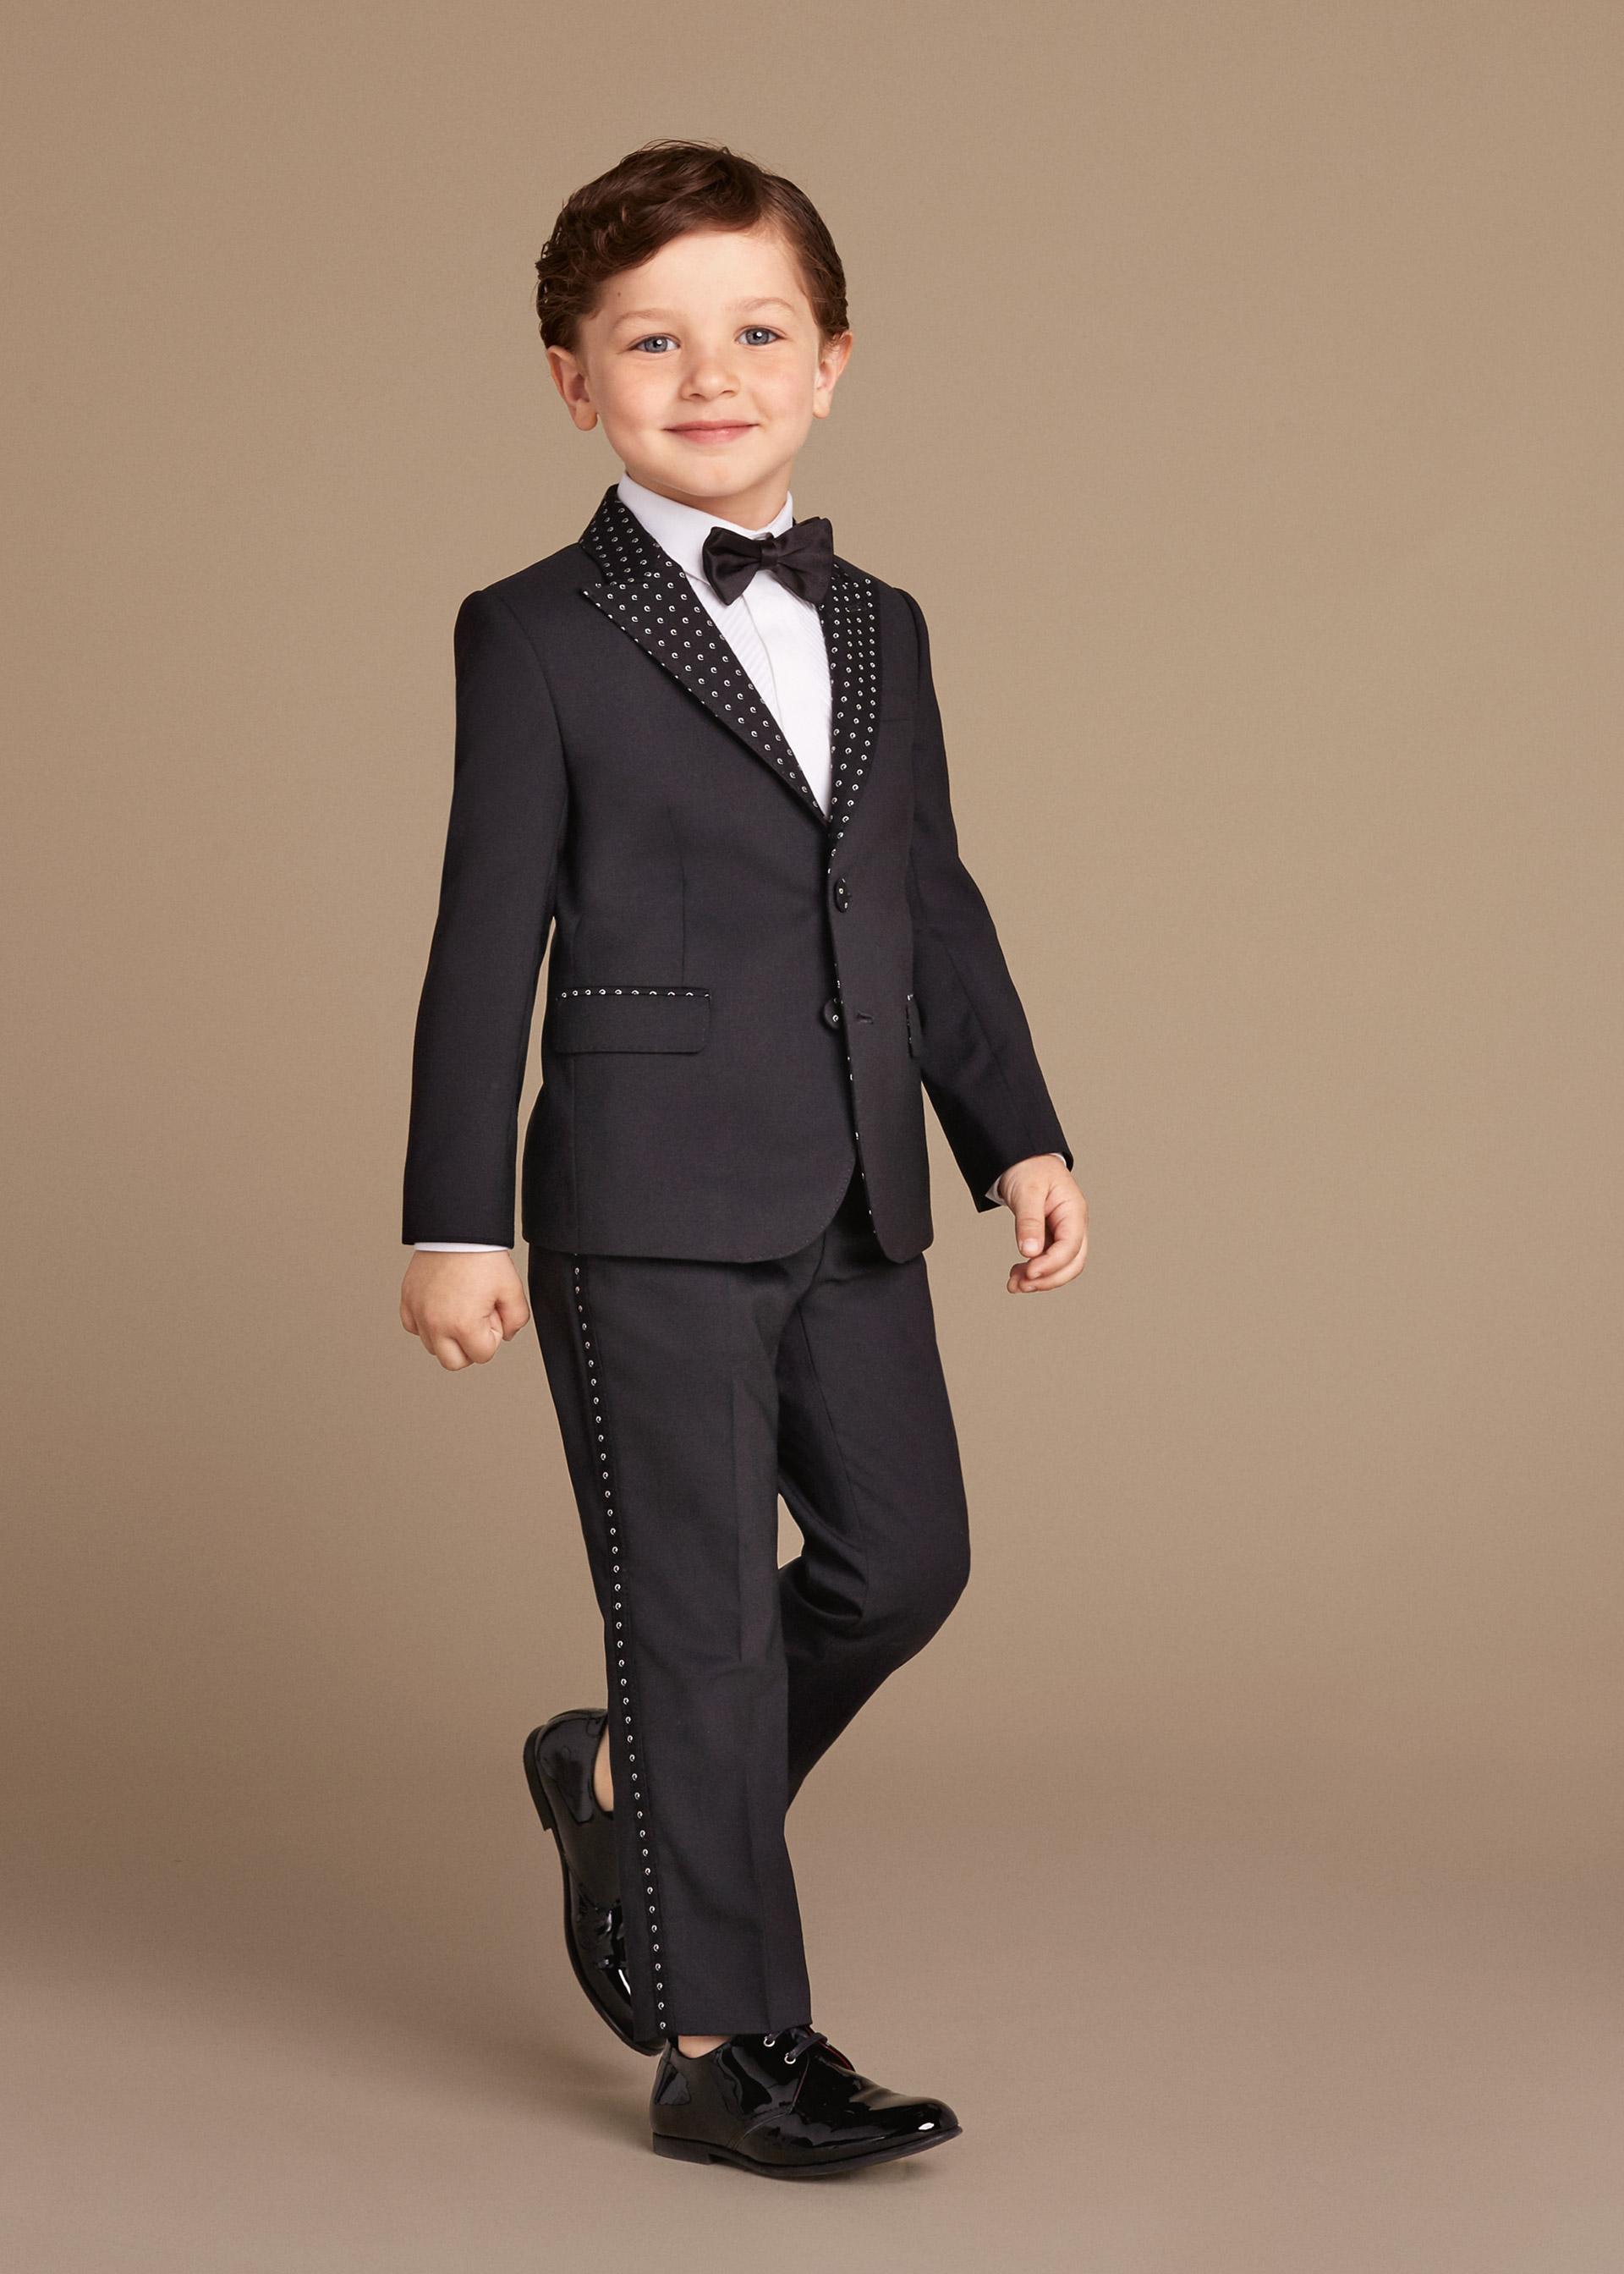 Новая коллекция для детей 2016 - классический костюм черного цвета.